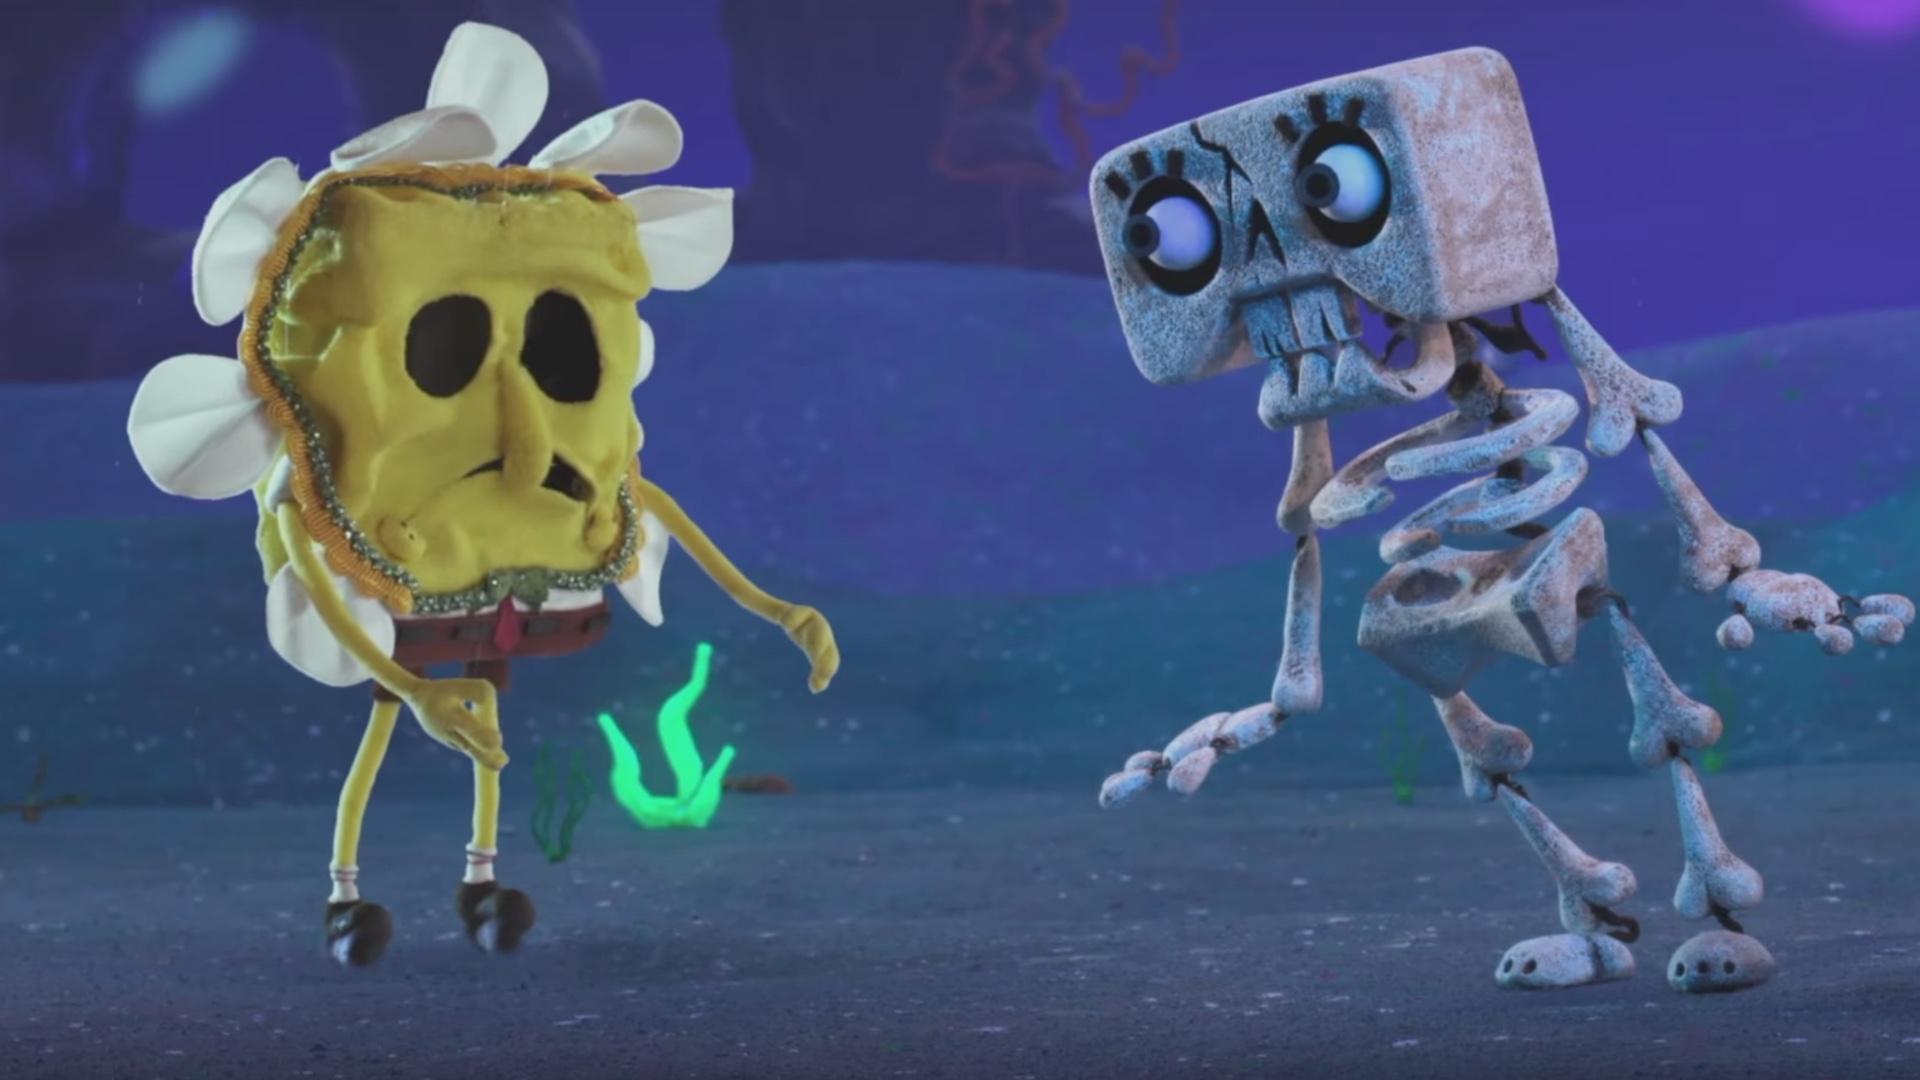 spongebob robot song